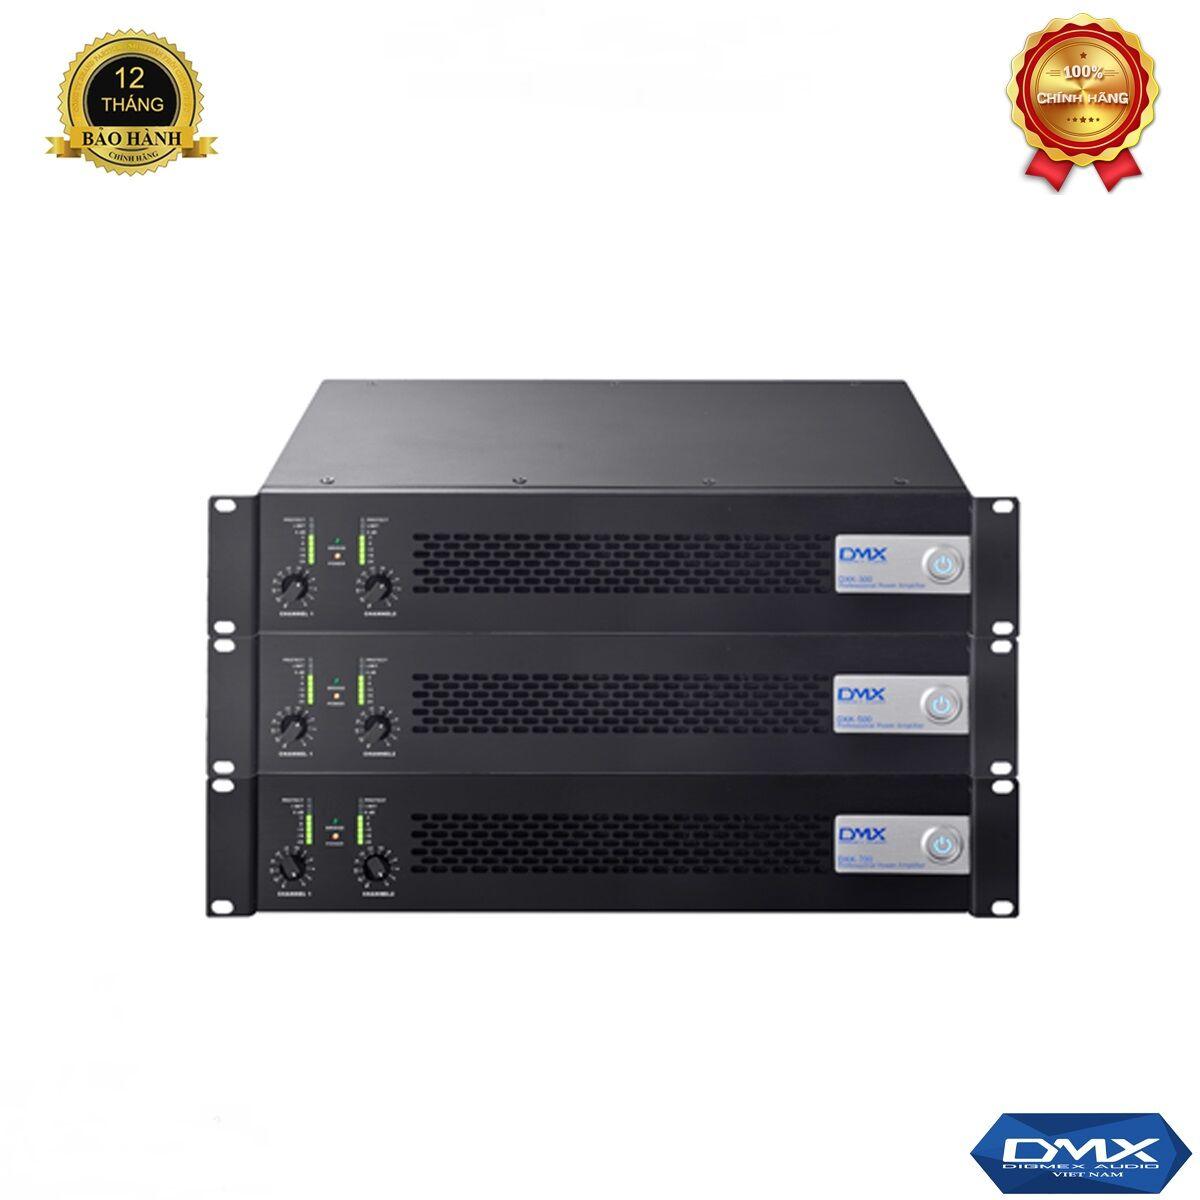 DMX DXK700